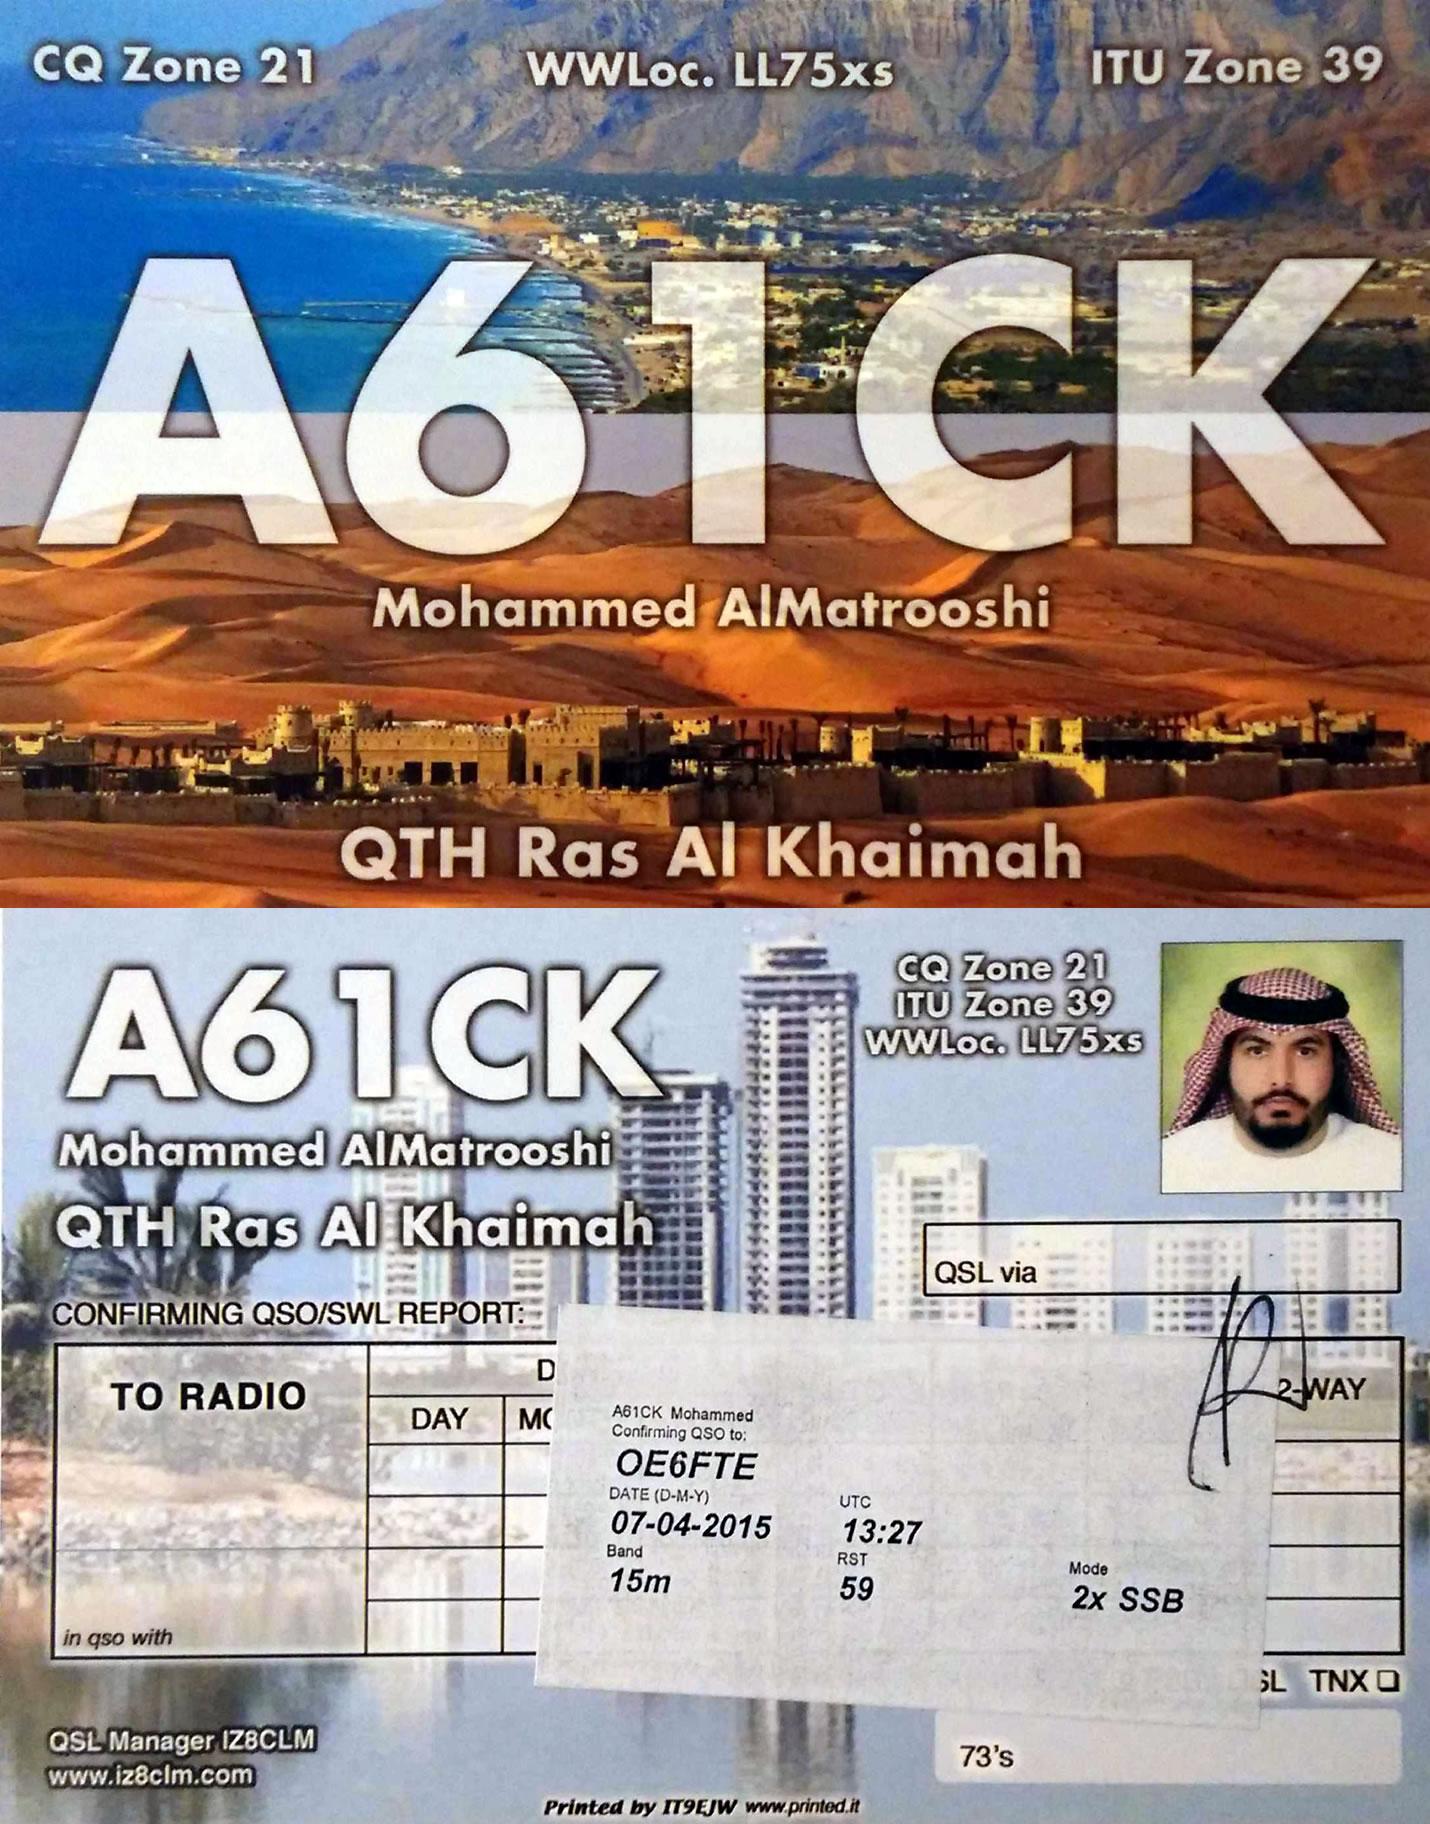 A61CK